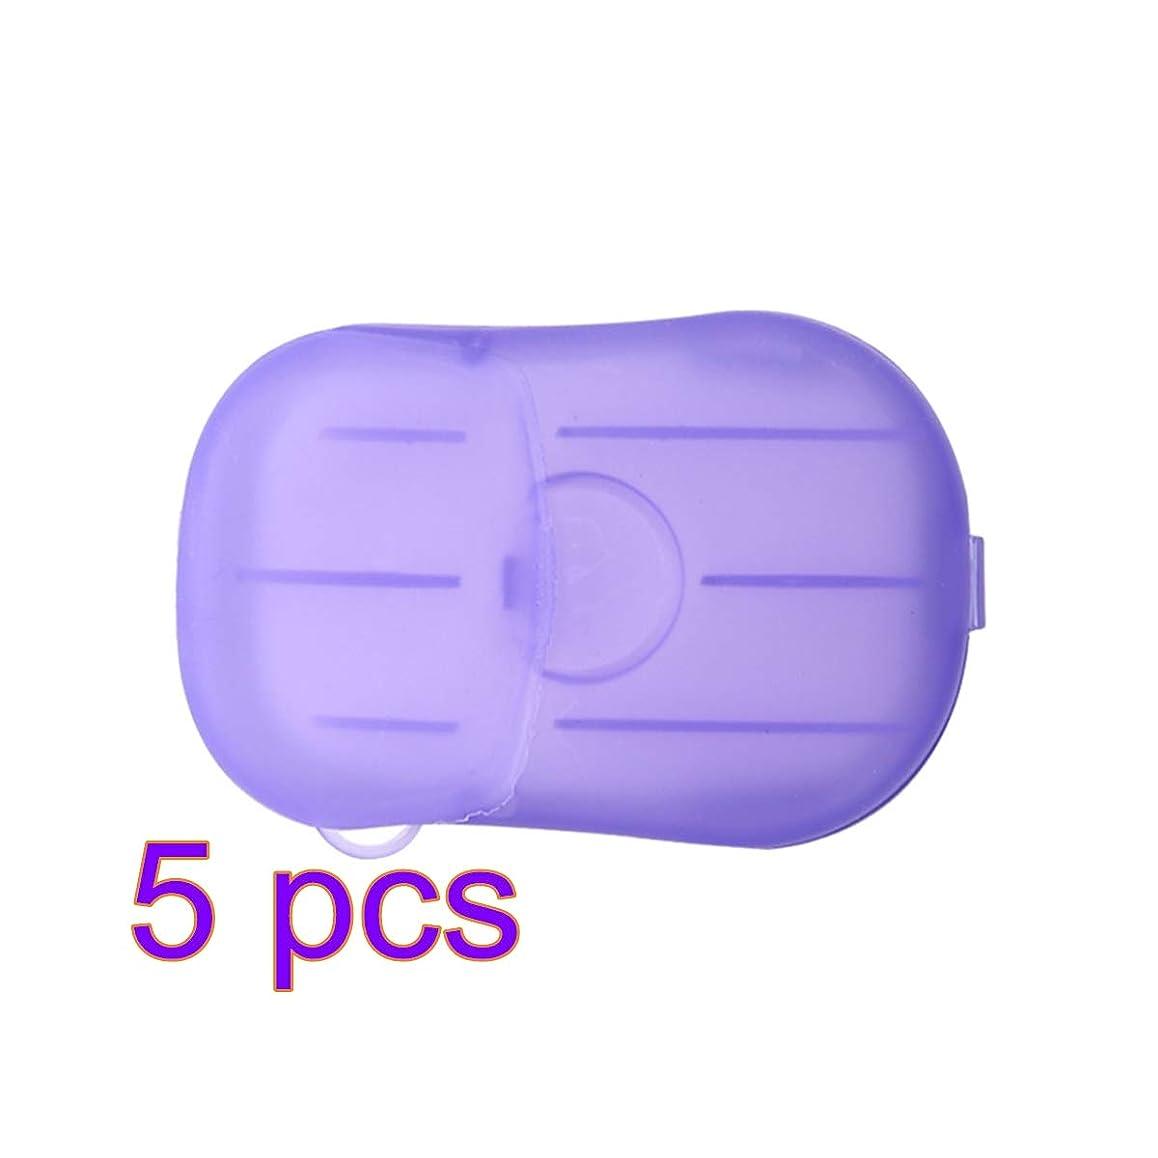 農奴ゲーム落ち着いたLIOOBO 5セットポータブルソープペーパー使い捨て手洗いペーパーソープスライスシーツ子供用大人トイレ旅行屋外用(パープル)